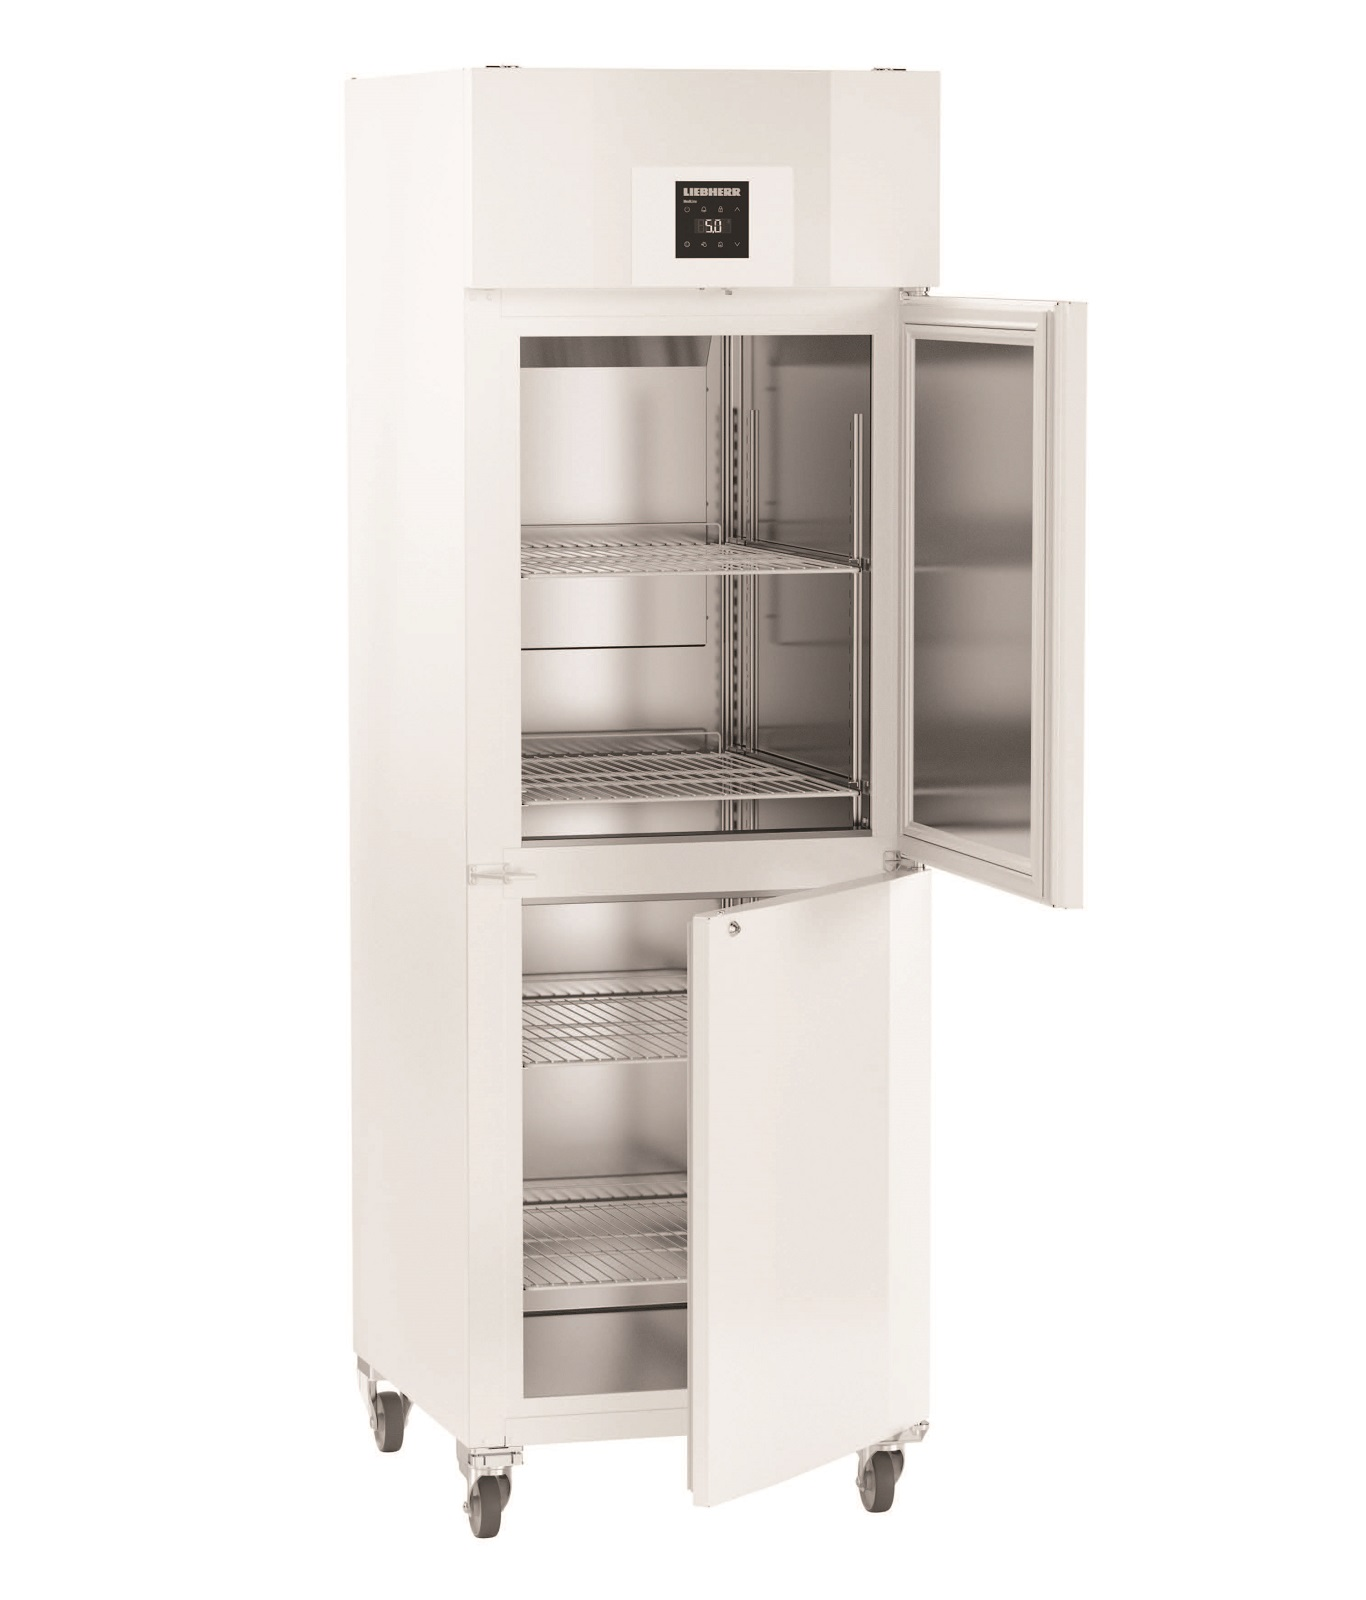 купить Лабораторный холодильный шкаф  Liebherr LKPv 6527 Украина фото 0